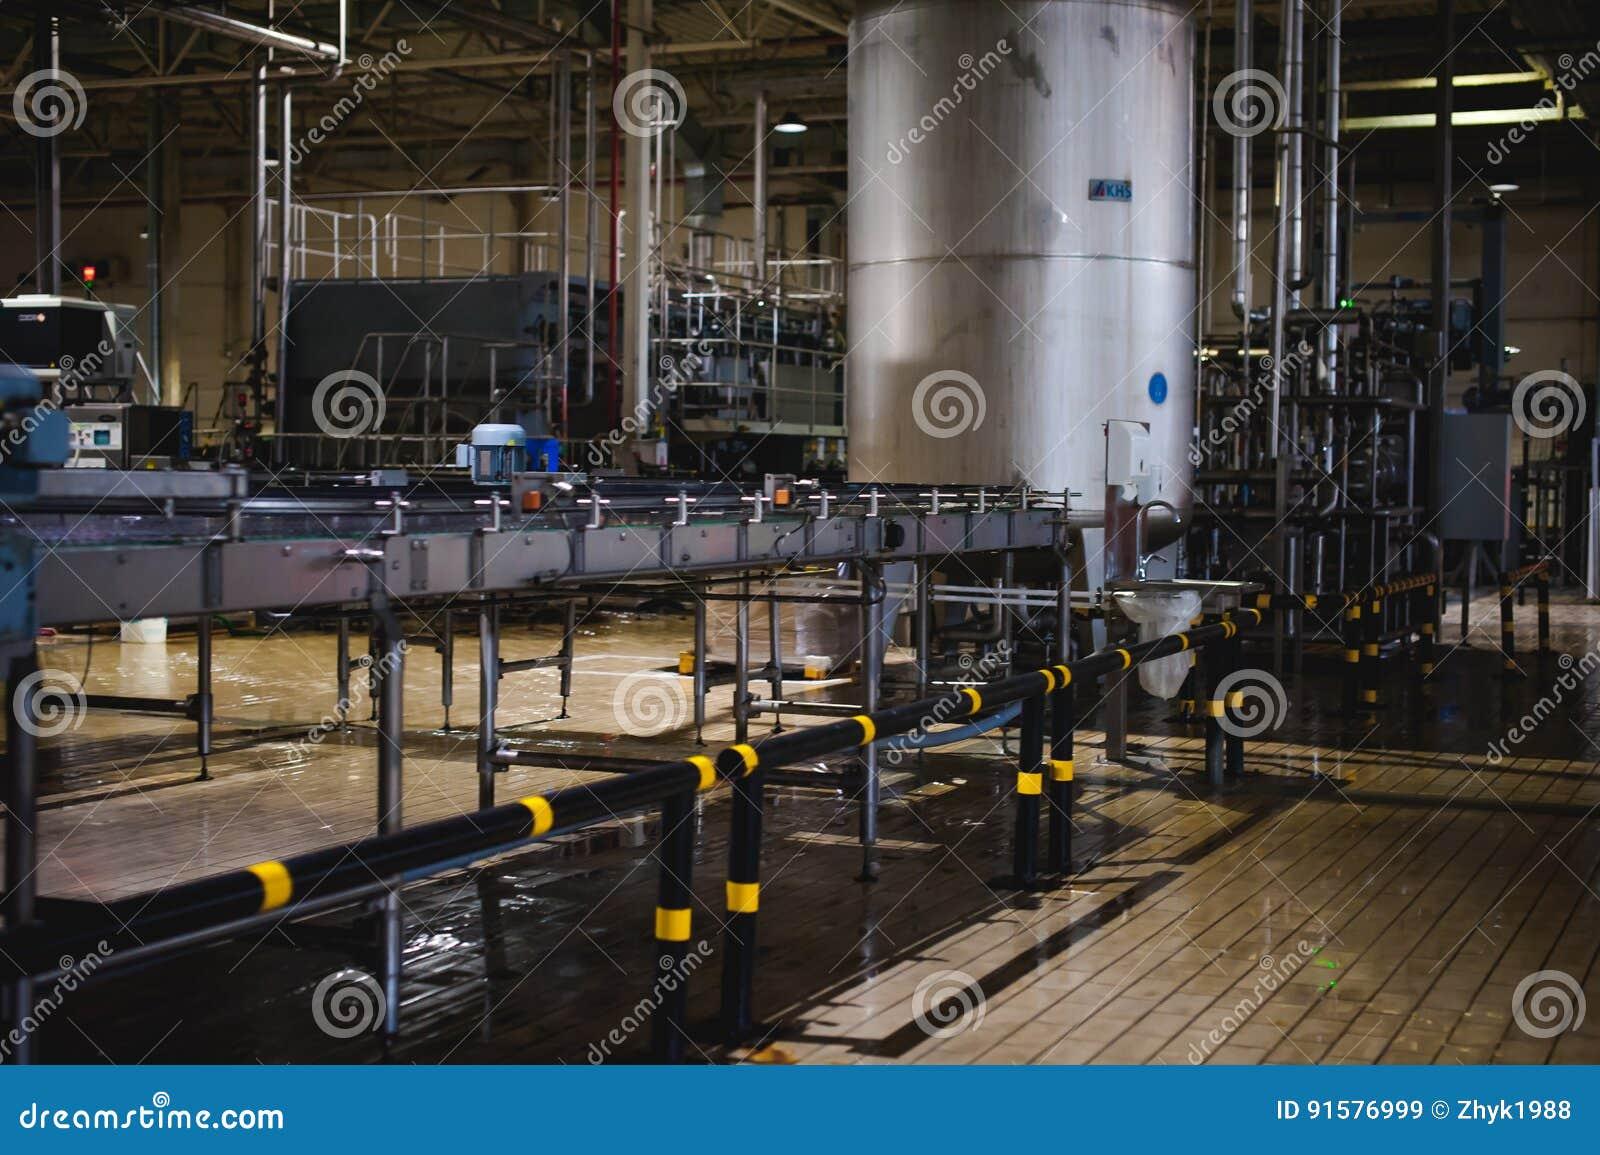 Γραμμή κατασκευής μπύρας Εξοπλισμός για την οργανωμένη εμφιάλωση παραγωγής των τελικών τροφίμων Δομές, σωλήνες και δεξαμενές μετά